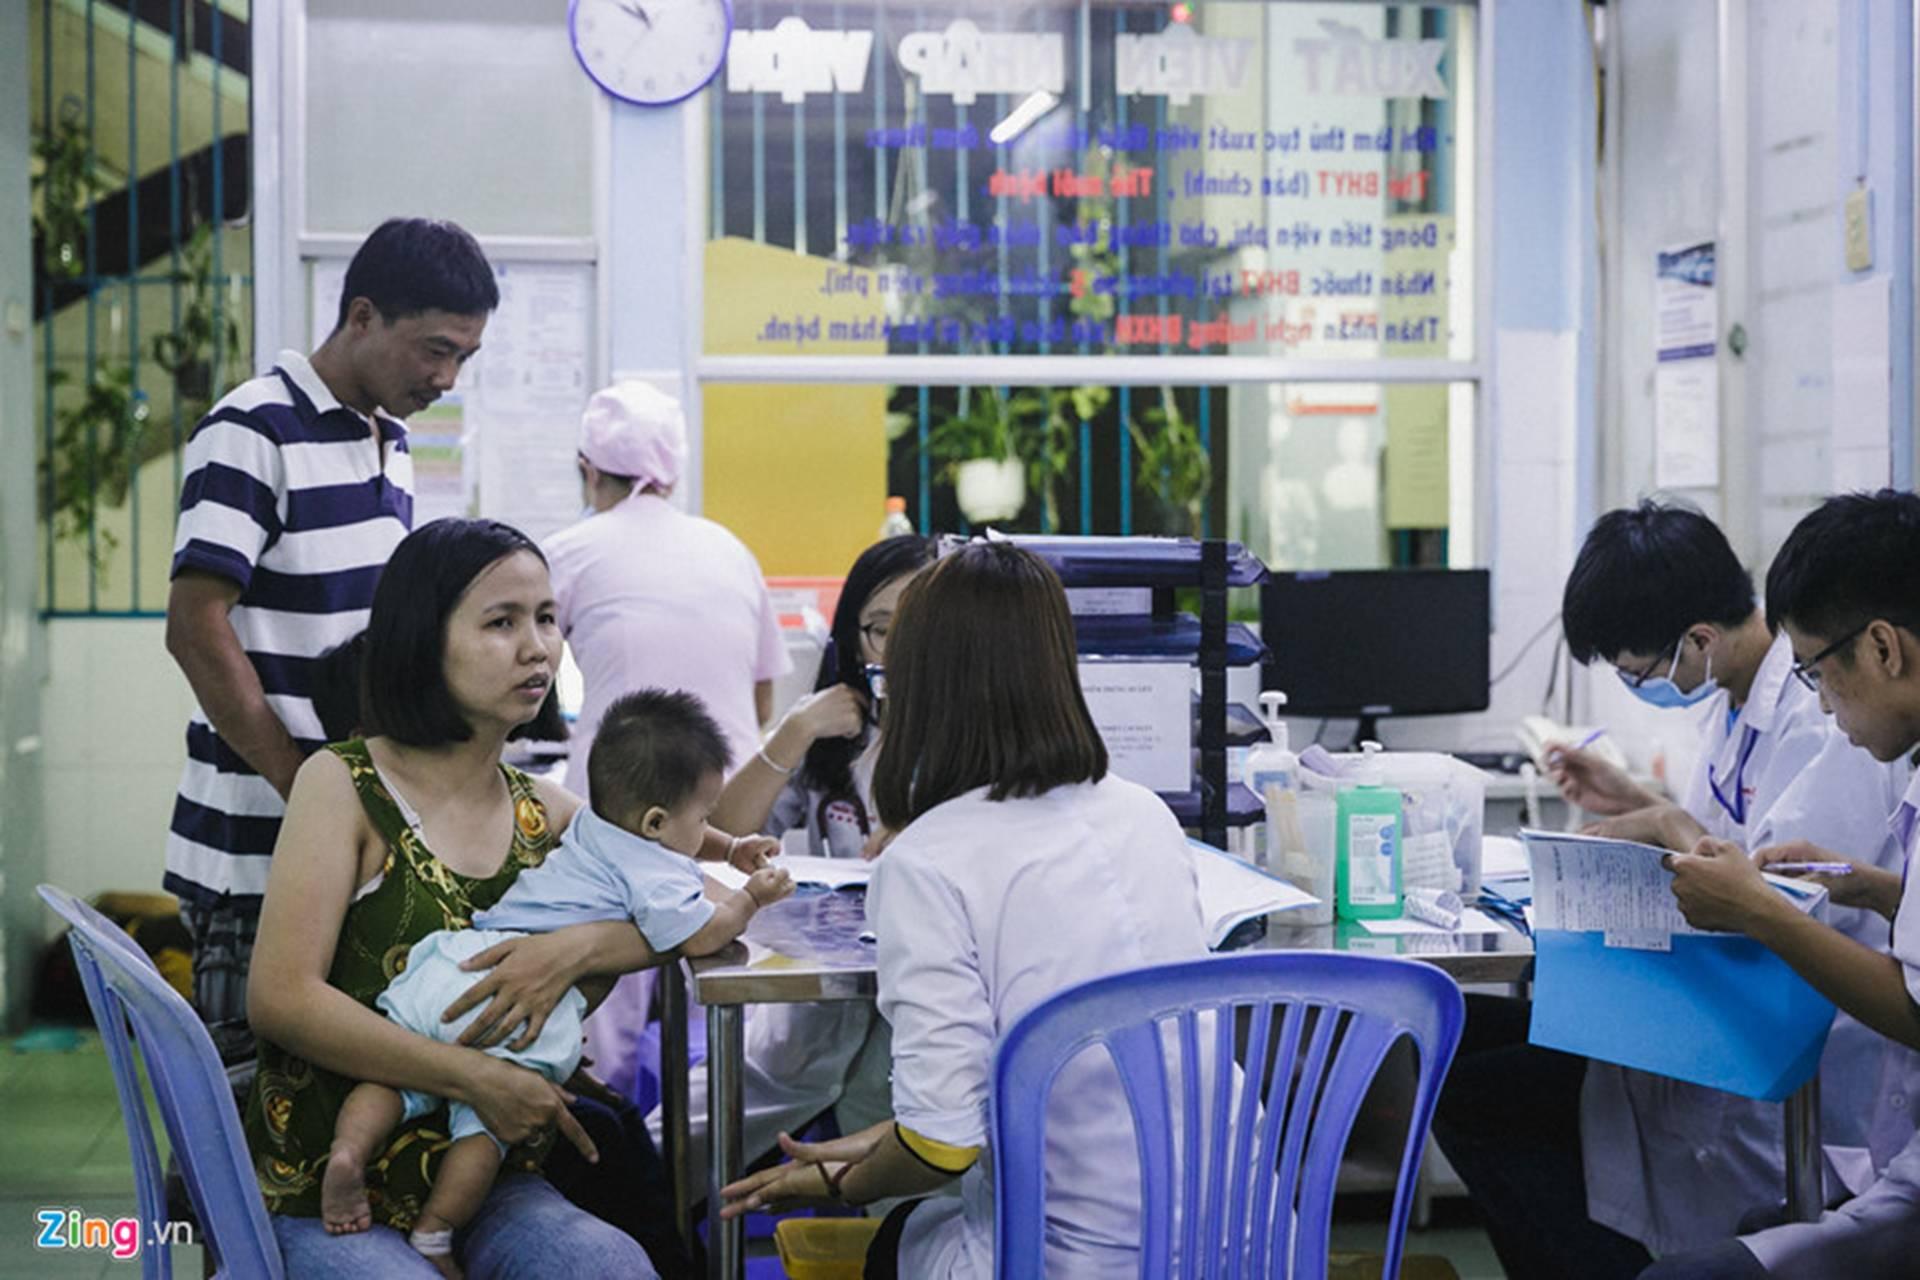 Bệnh viện Nhi ở Sài Gòn vỡ trận vì dịch chồng dịch-23